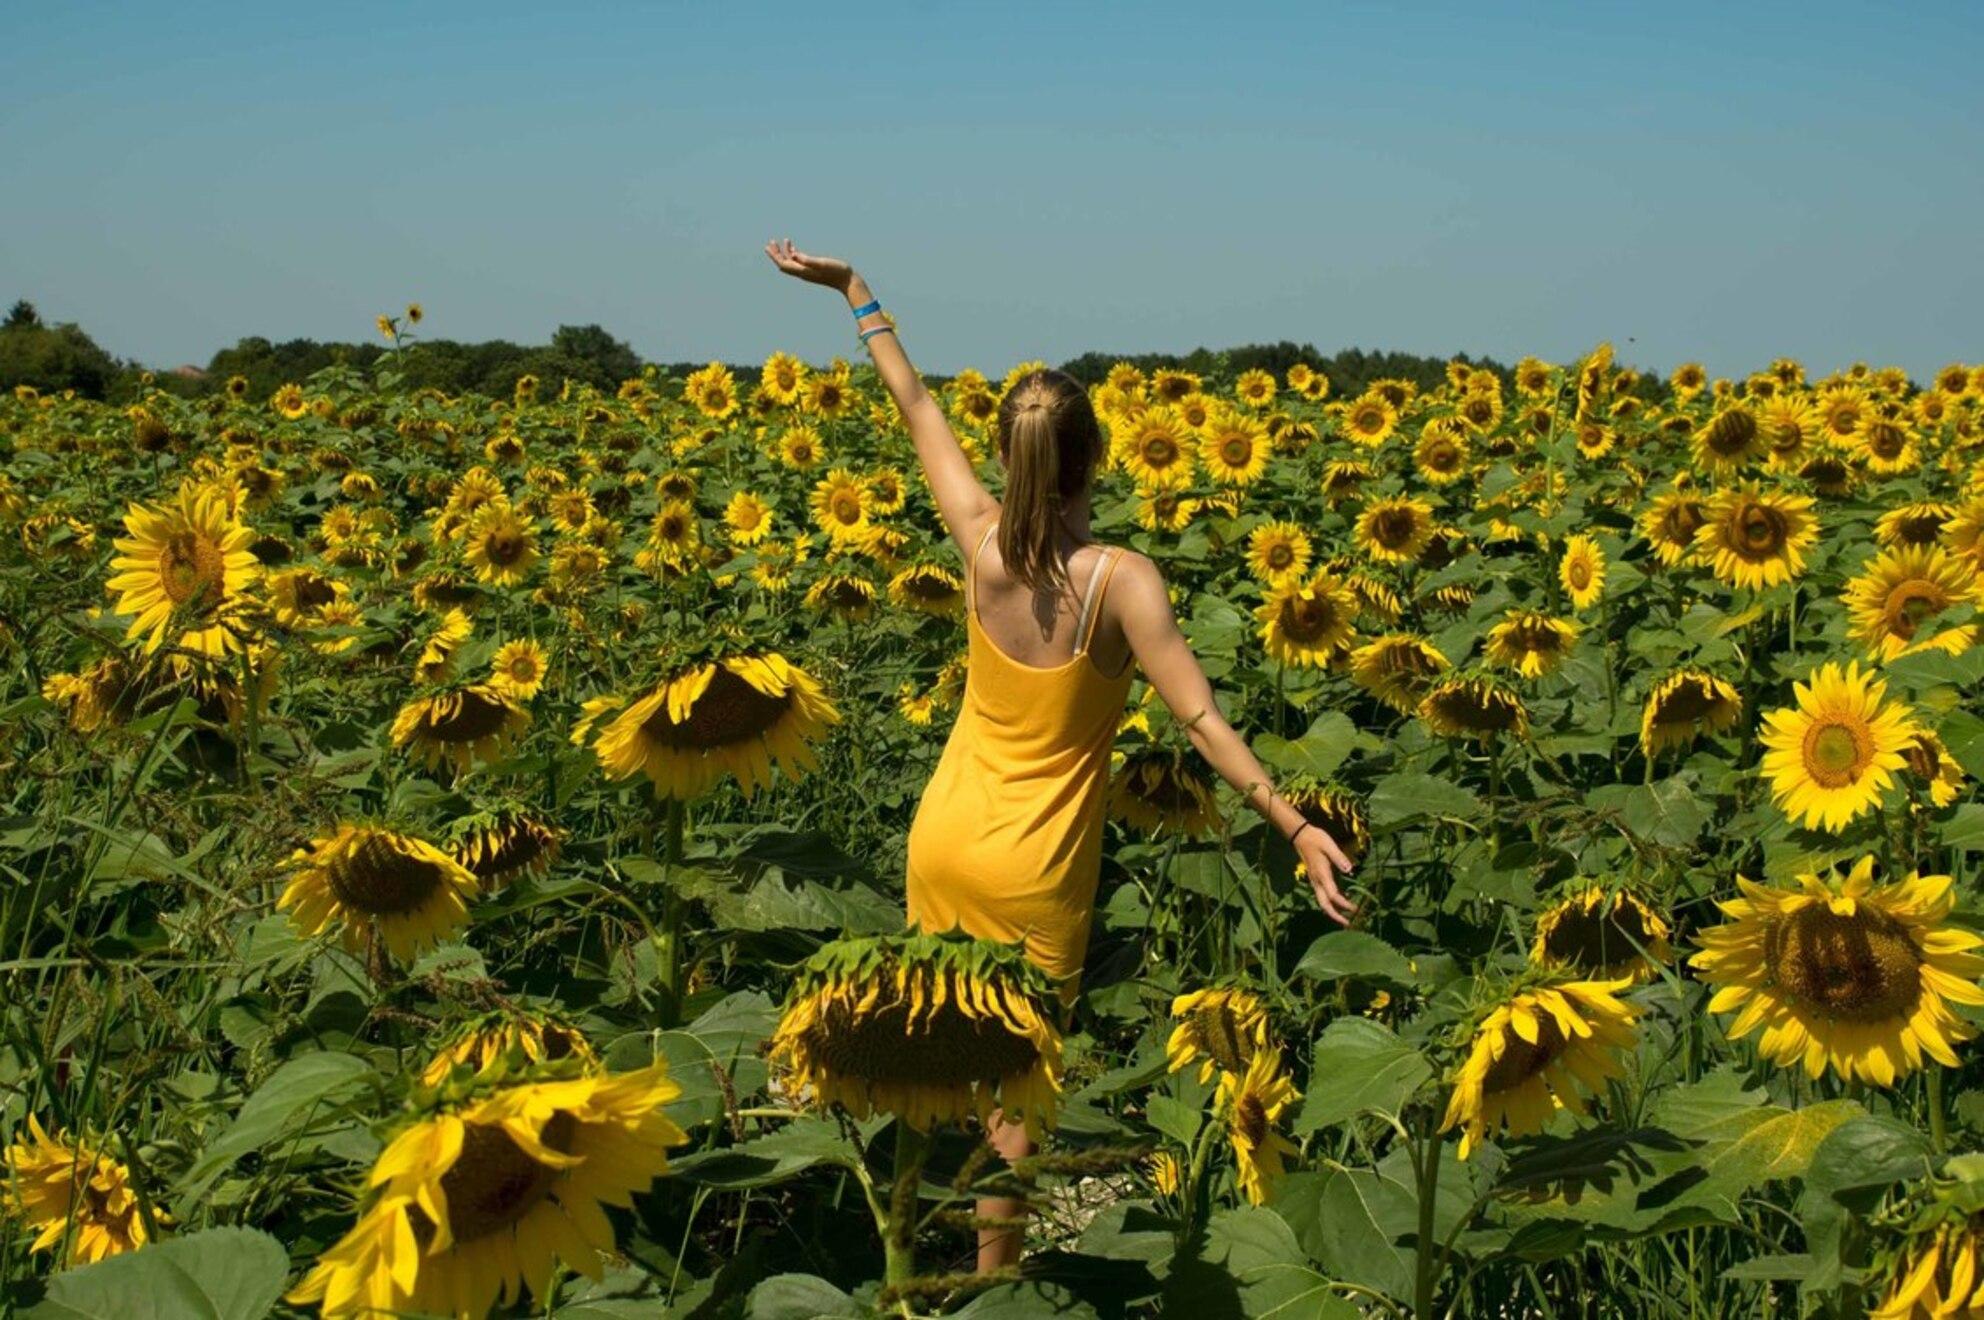 zonnebloem - mijn dochter happy tussen de zonnebloemen in Dordogne, Frankrijk. Haar jurkje was bijpassend van kleur! - foto door Ellensnoek op 30-08-2017 - deze foto bevat: zon, natuur, geel, vakantie, frankrijk, reizen, zomer, zonnebloemen, dansen, wandelen, veld, jurk, blij, tiener - Deze foto mag gebruikt worden in een Zoom.nl publicatie